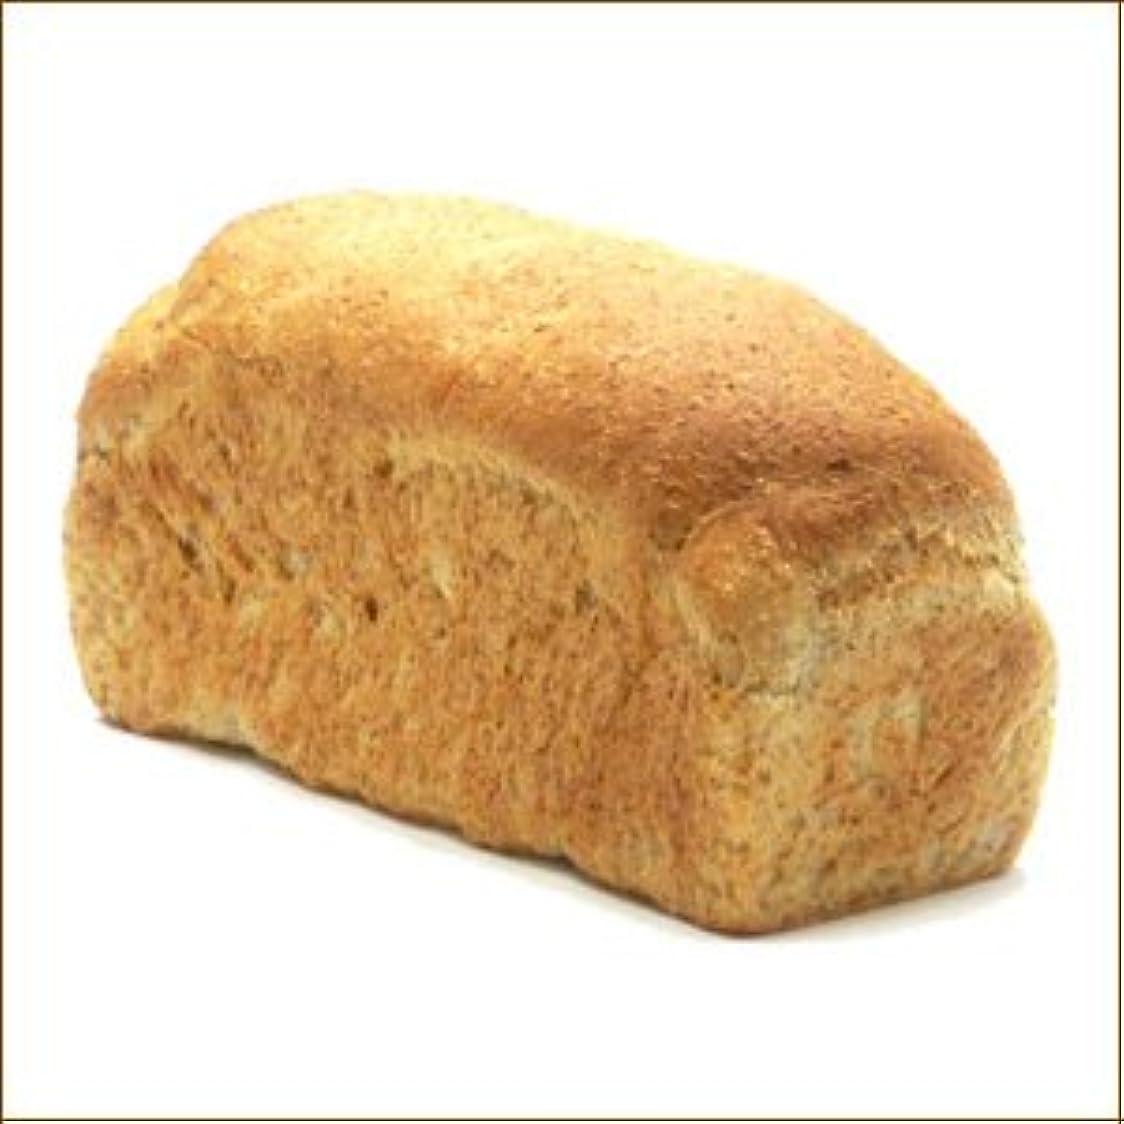 熱調べる読み書きのできない阿古屋製パン【手作り無塩バターロール 12個セット】無塩?低トランス脂肪酸対策済みの体にやさしいパン